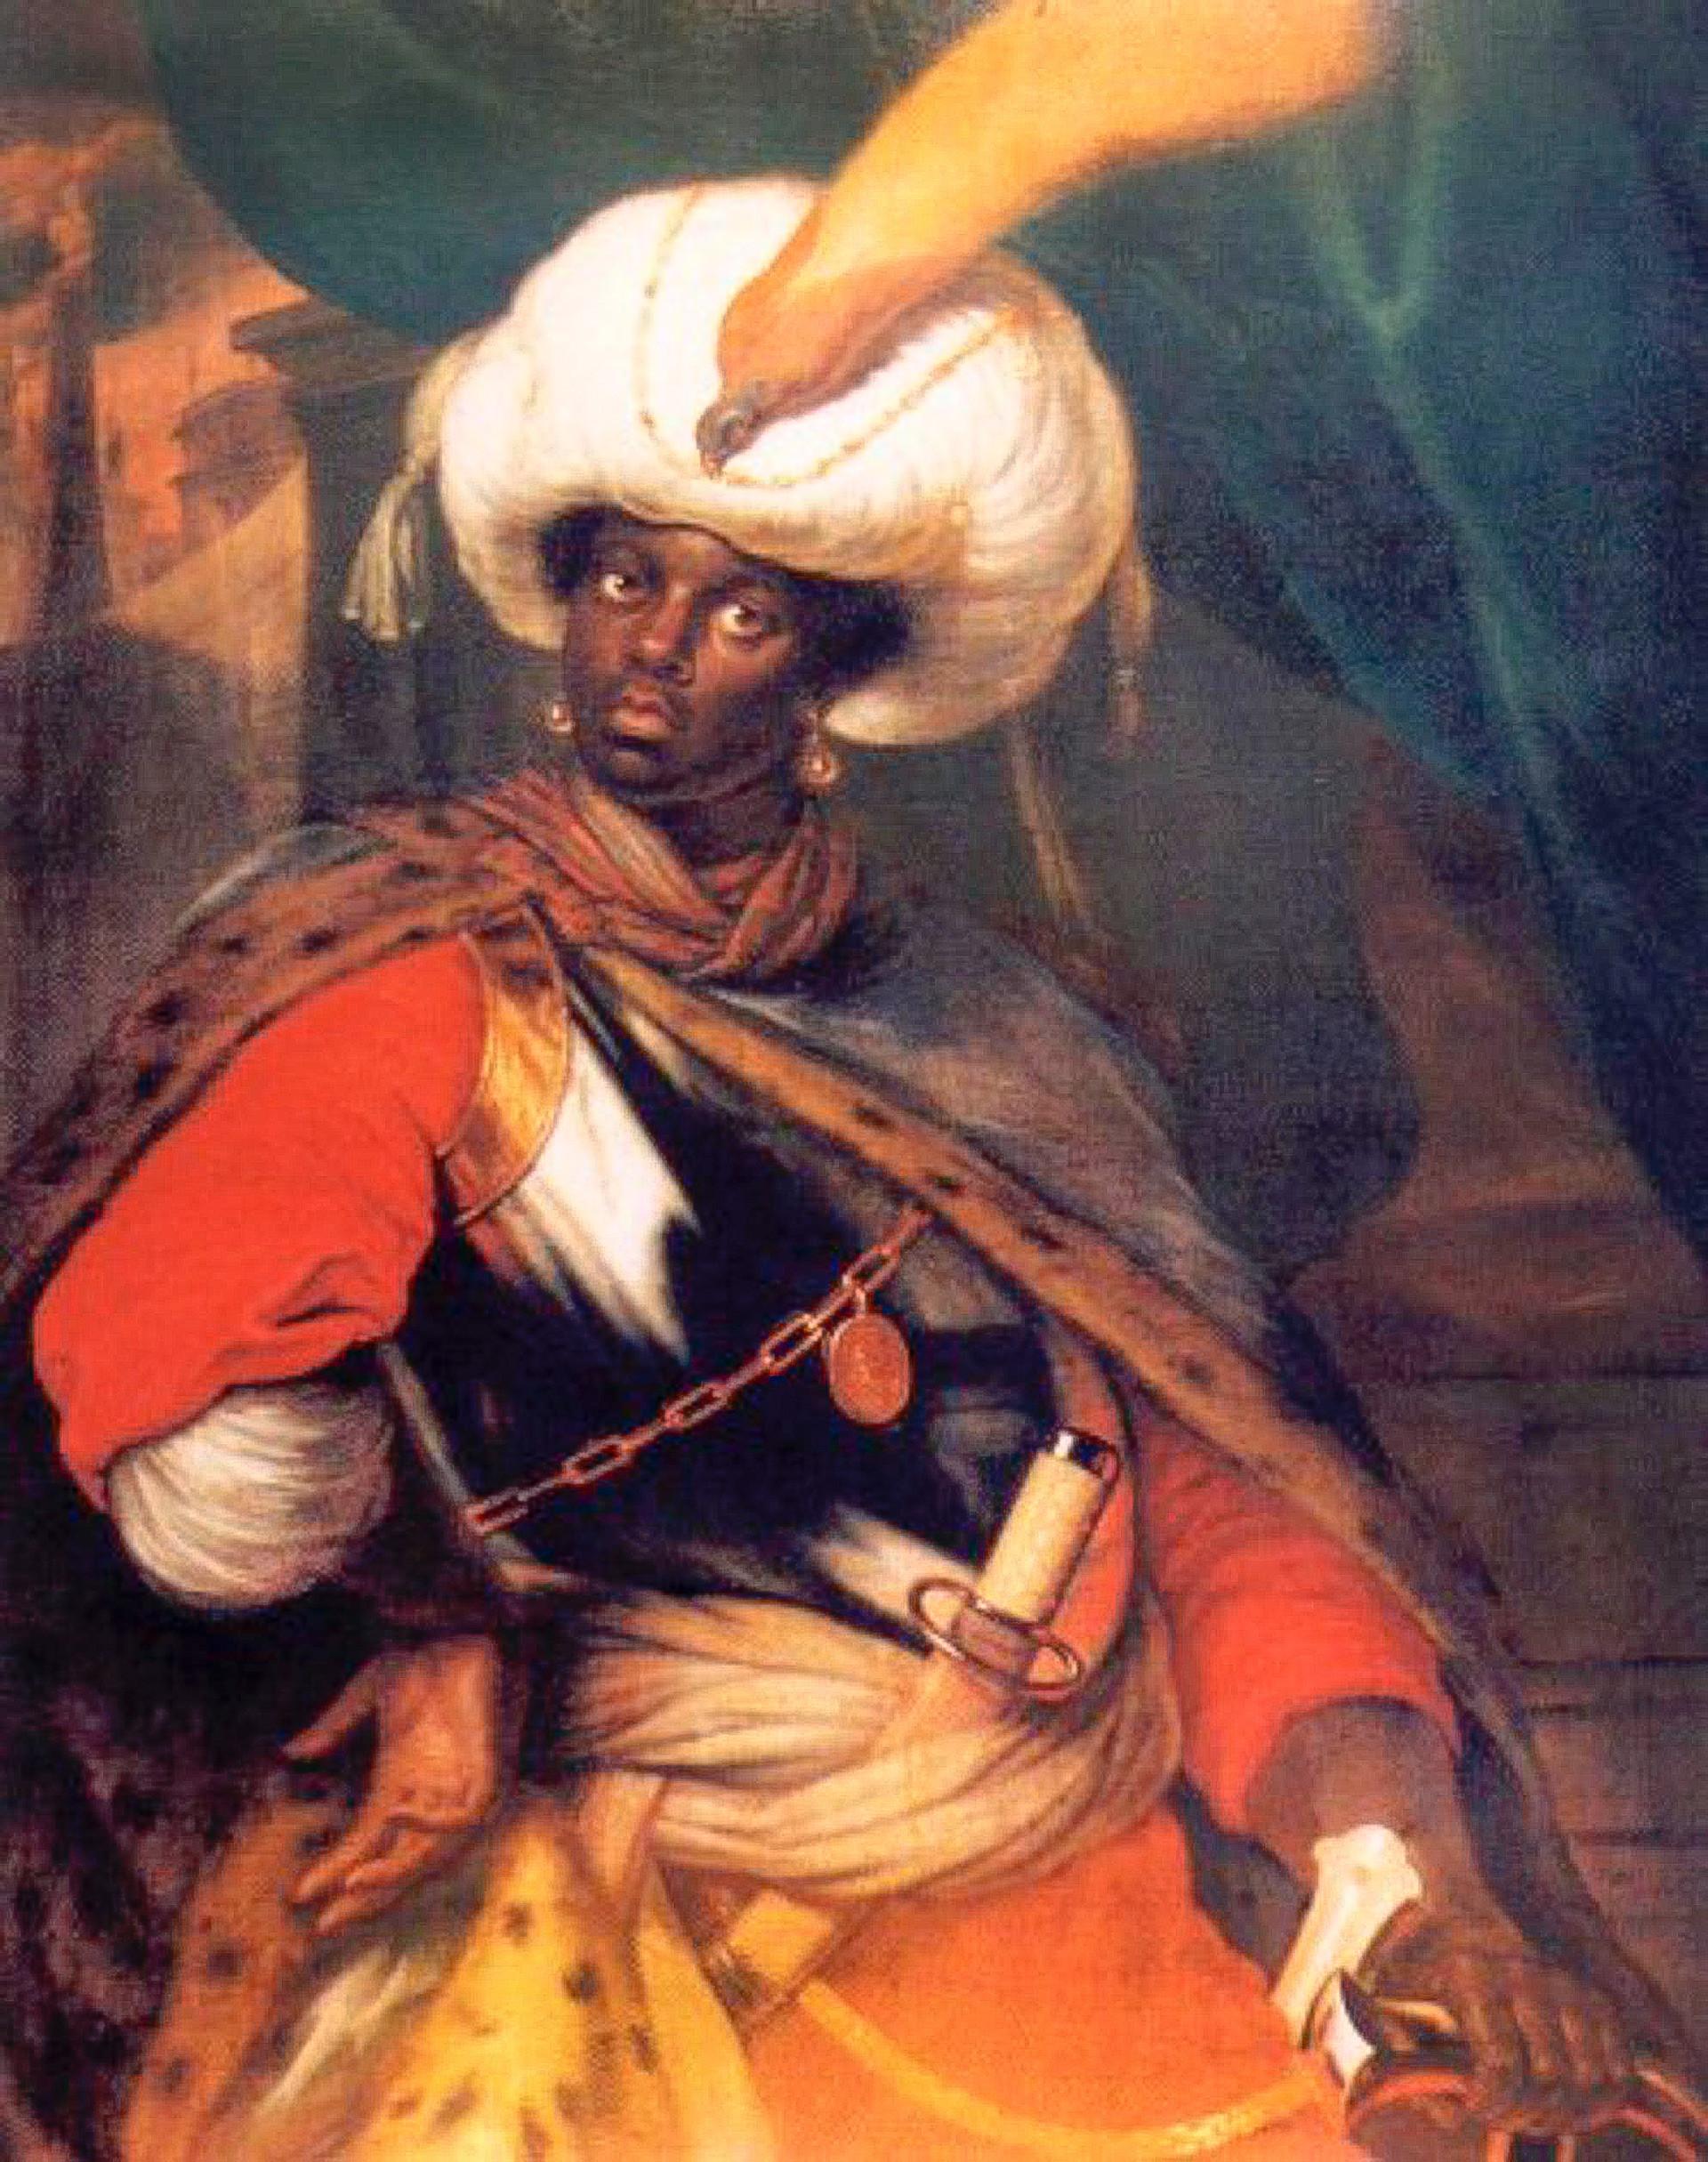 若いアブラム・ガンニバルの肖像画(想定)。